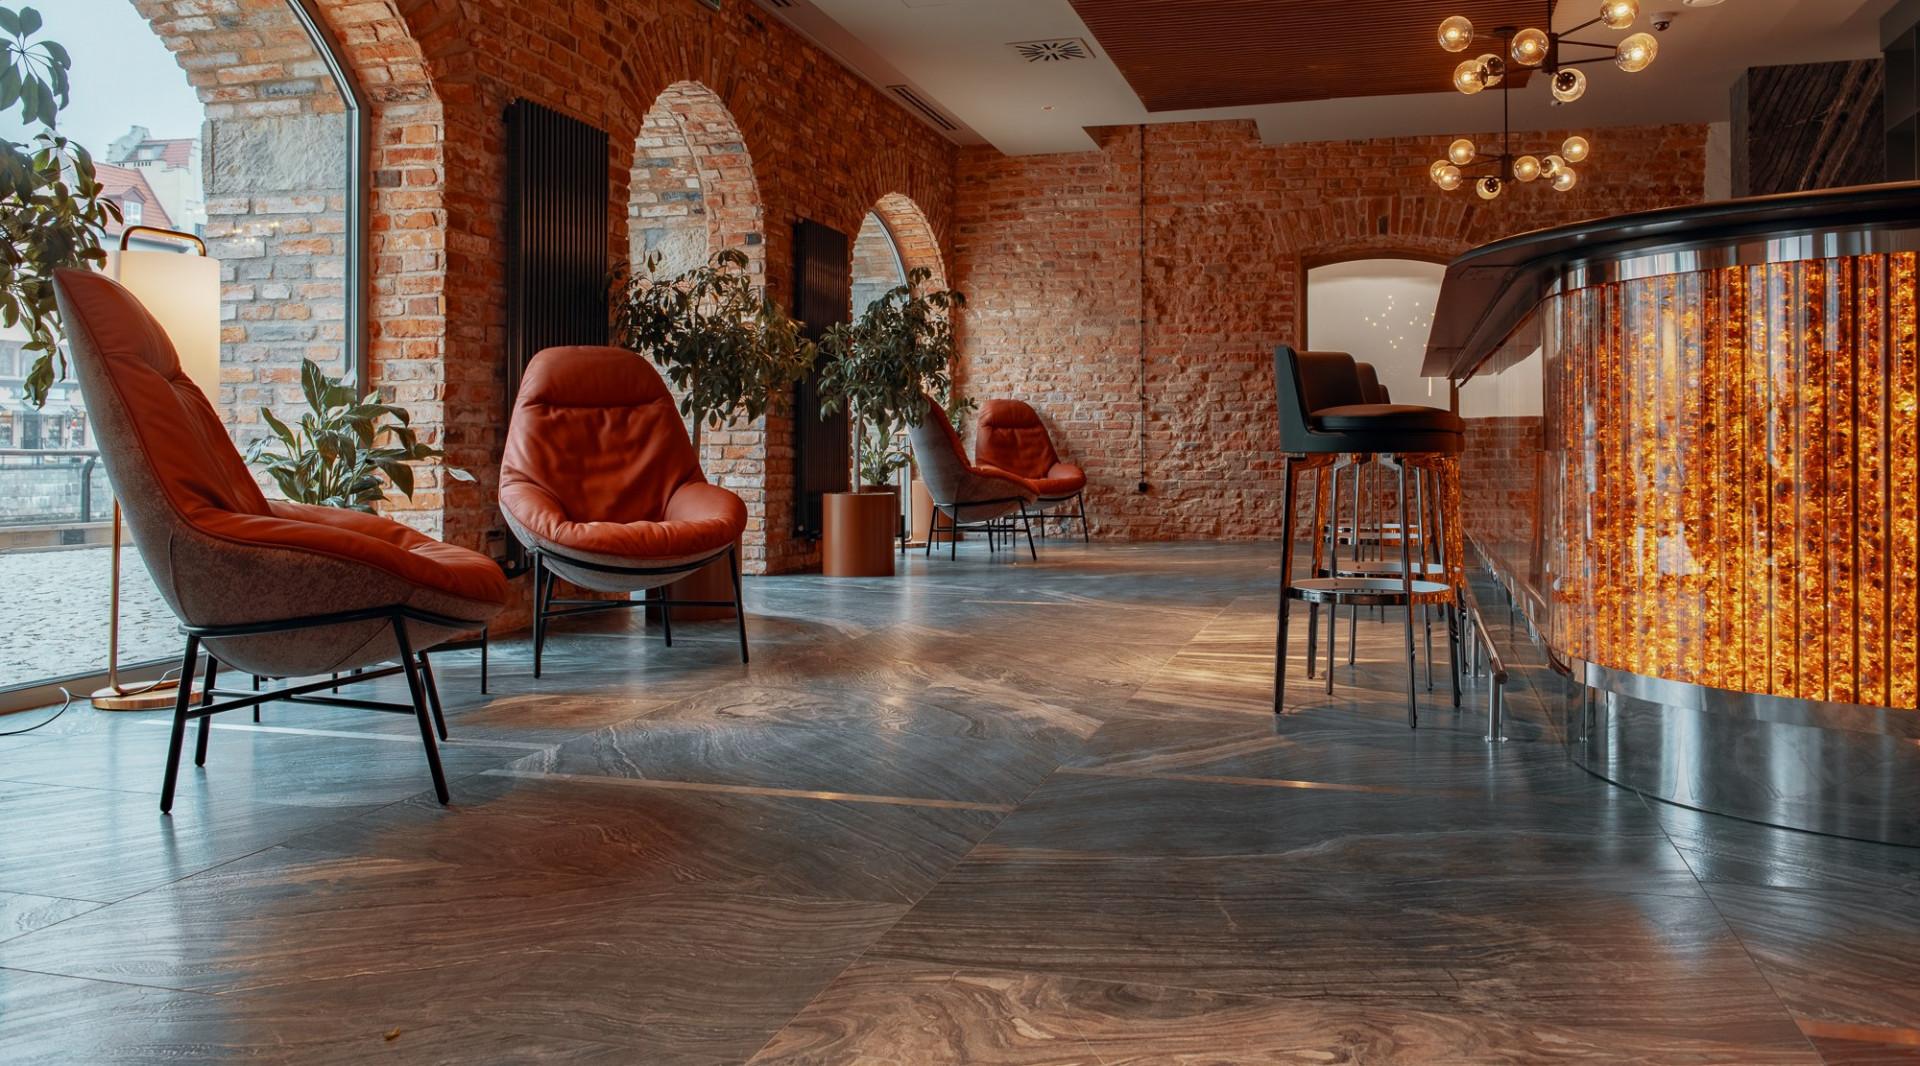 Hotel Radisson, Gdańsk